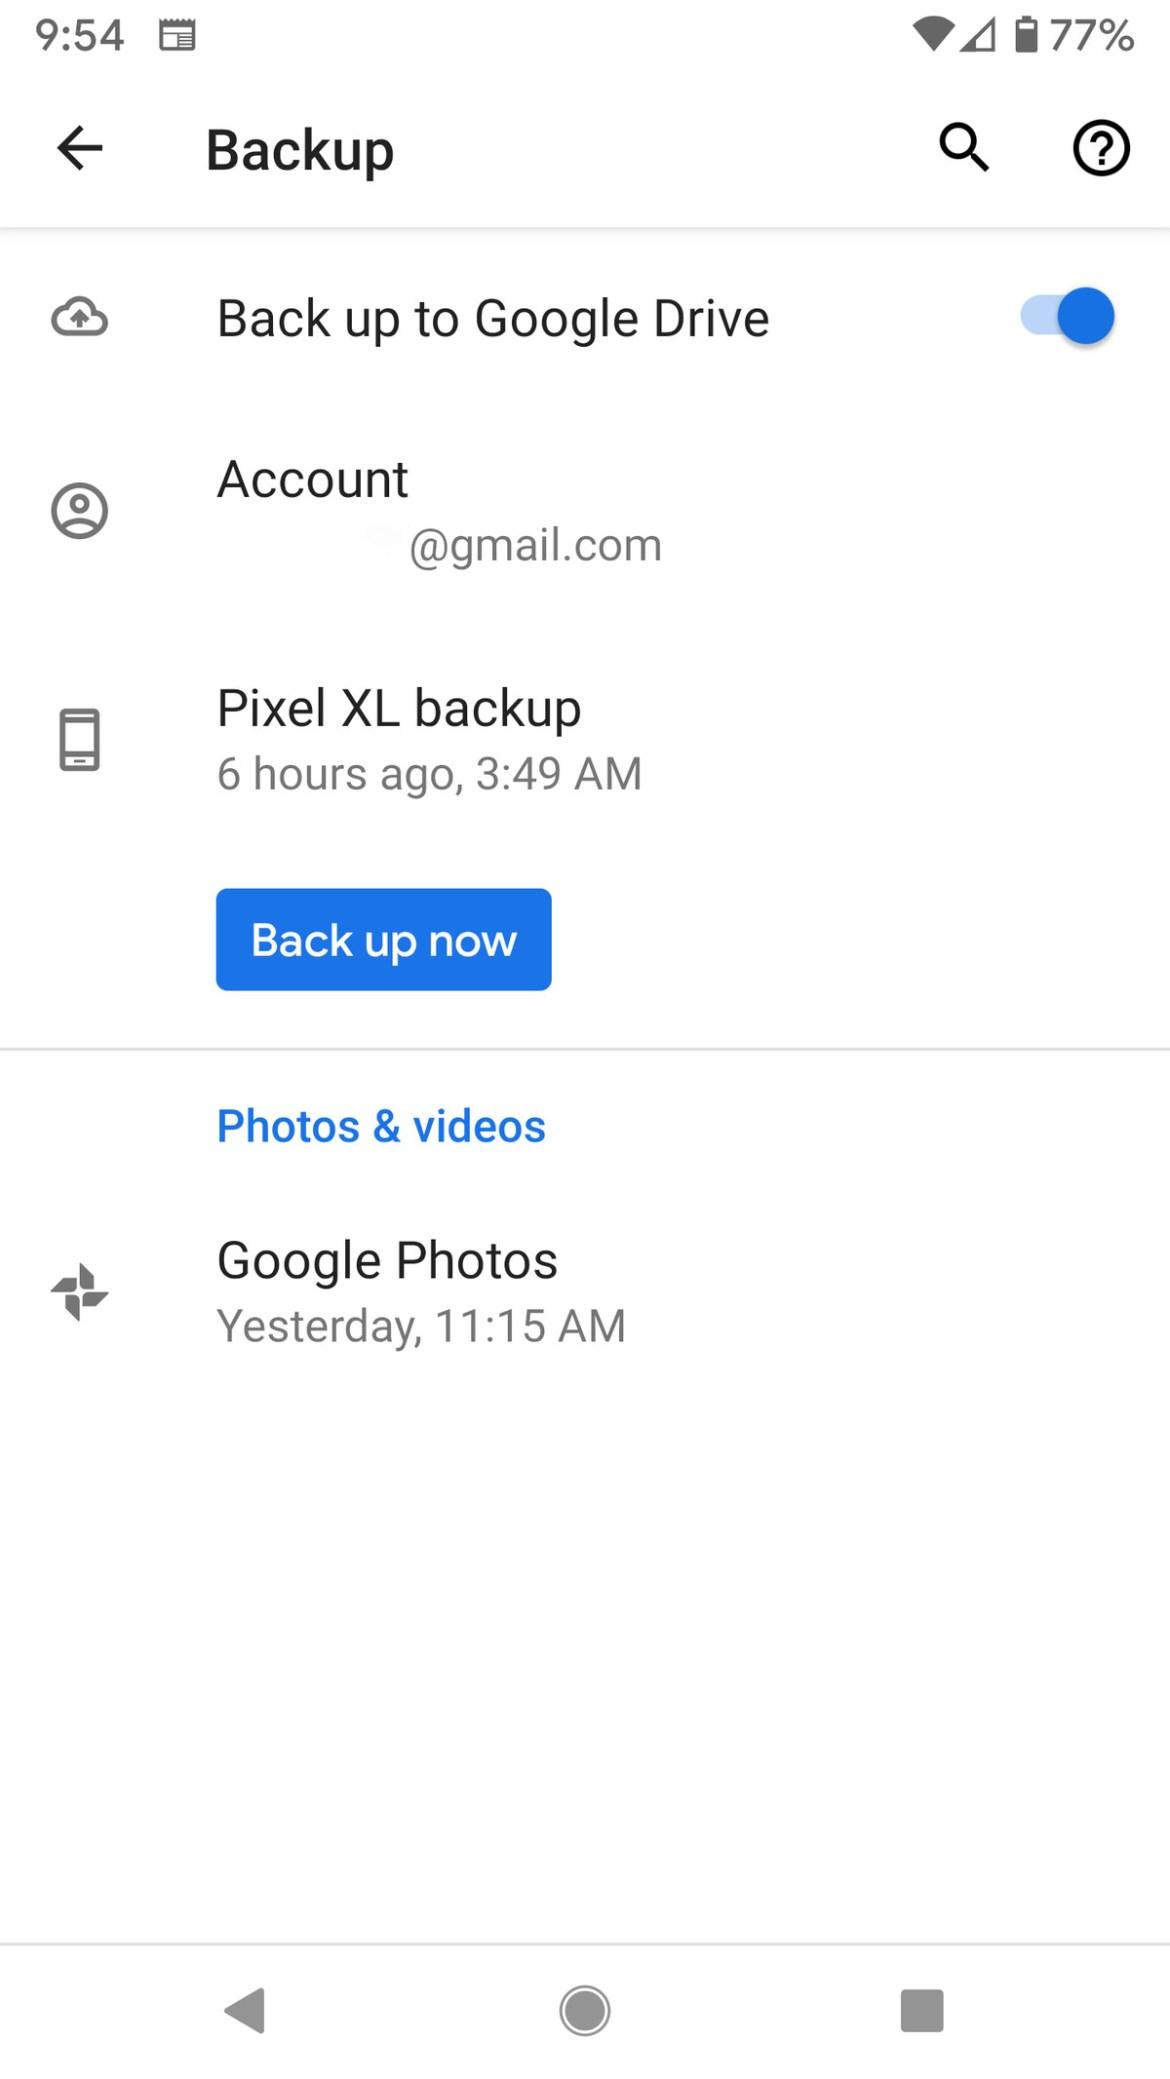 Vous pouvez sauvegarder les données de votre application, l'historique des appels et d'autres informations sur votre Google Drive.